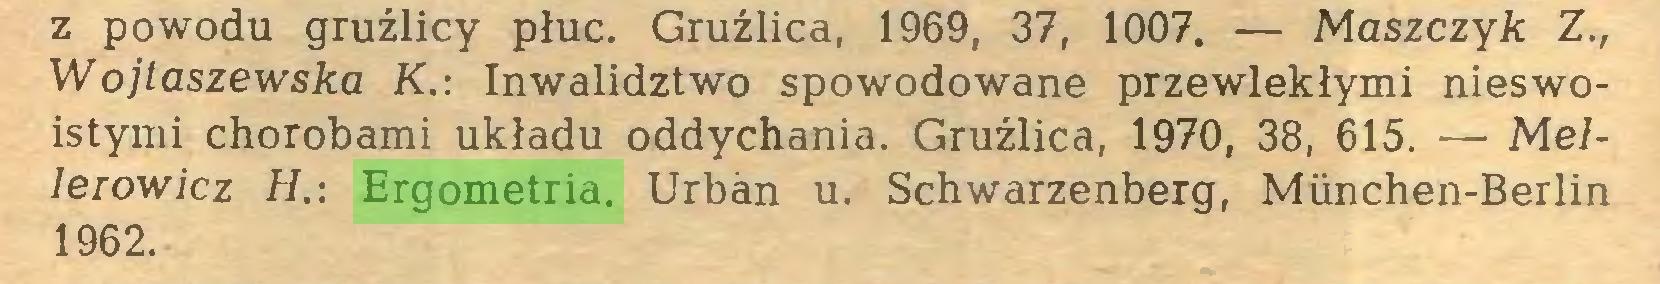 (...) z powodu gruźlicy płuc. Gruźlica, 1969, 37, 1007. — Maszczyk Z., Wojtaszewska K.: Inwalidztwo spowodowane przewlekłymi nieswoistymi chorobami układu oddychania. Gruźlica, 1970, 38, 615. — Mellerów icz H.: Ergometria. Urban u. Schwarzenberg, München-Berlin 1962...